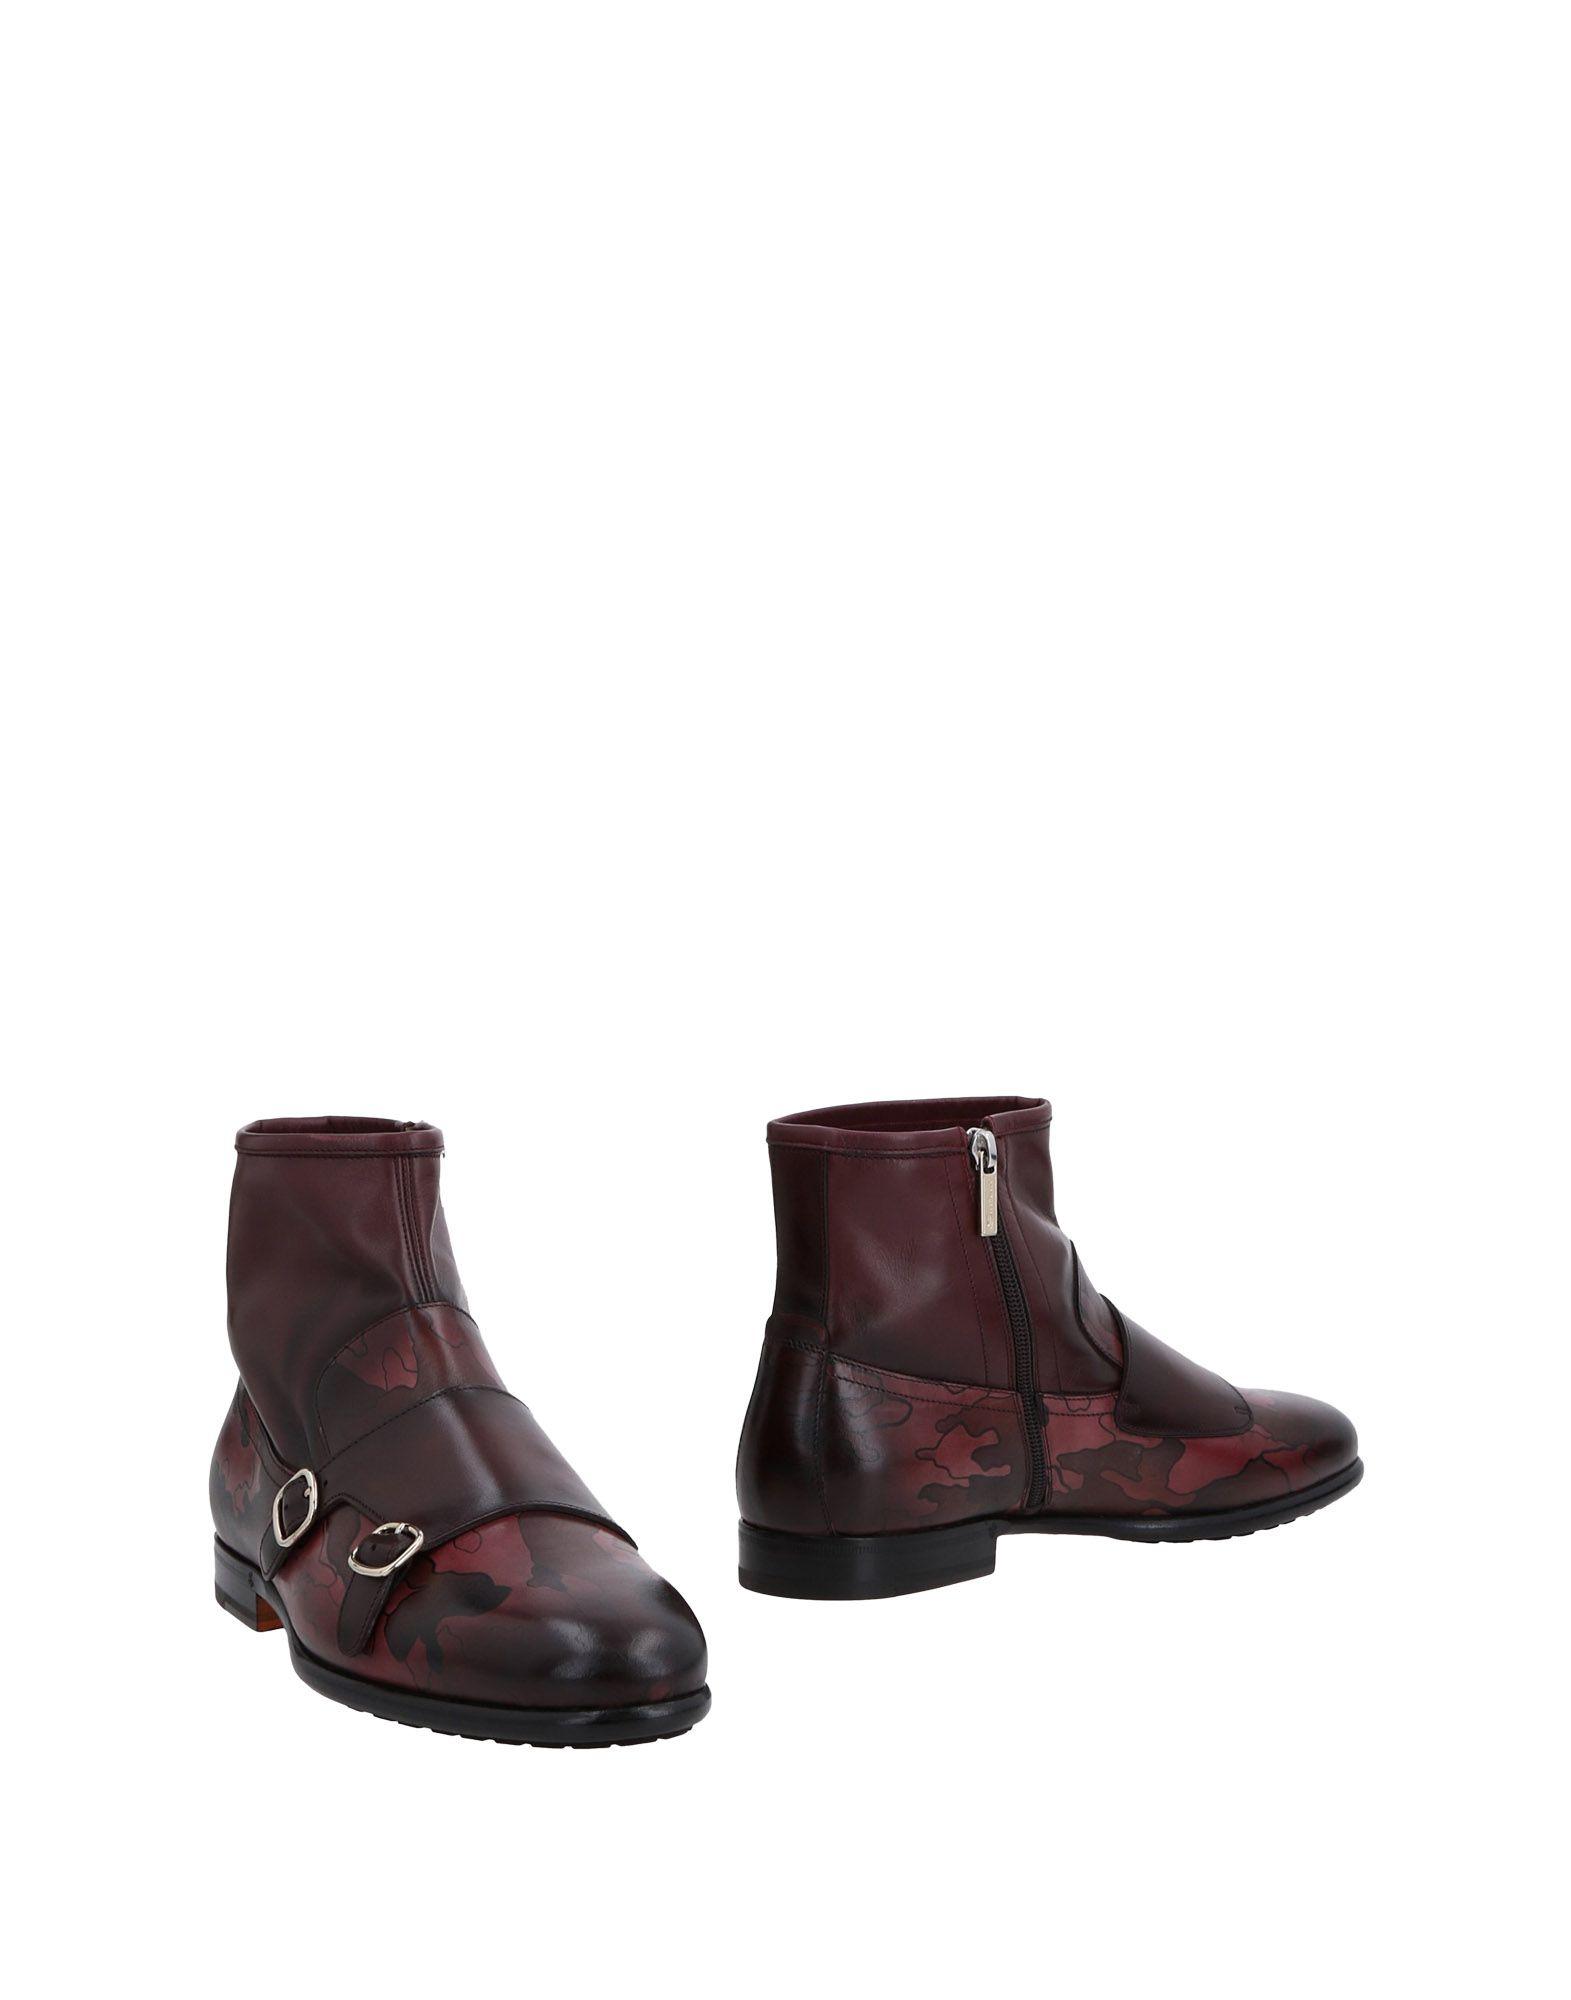 Santoni Stiefelette Herren  11478763KS Gute Qualität beliebte Schuhe